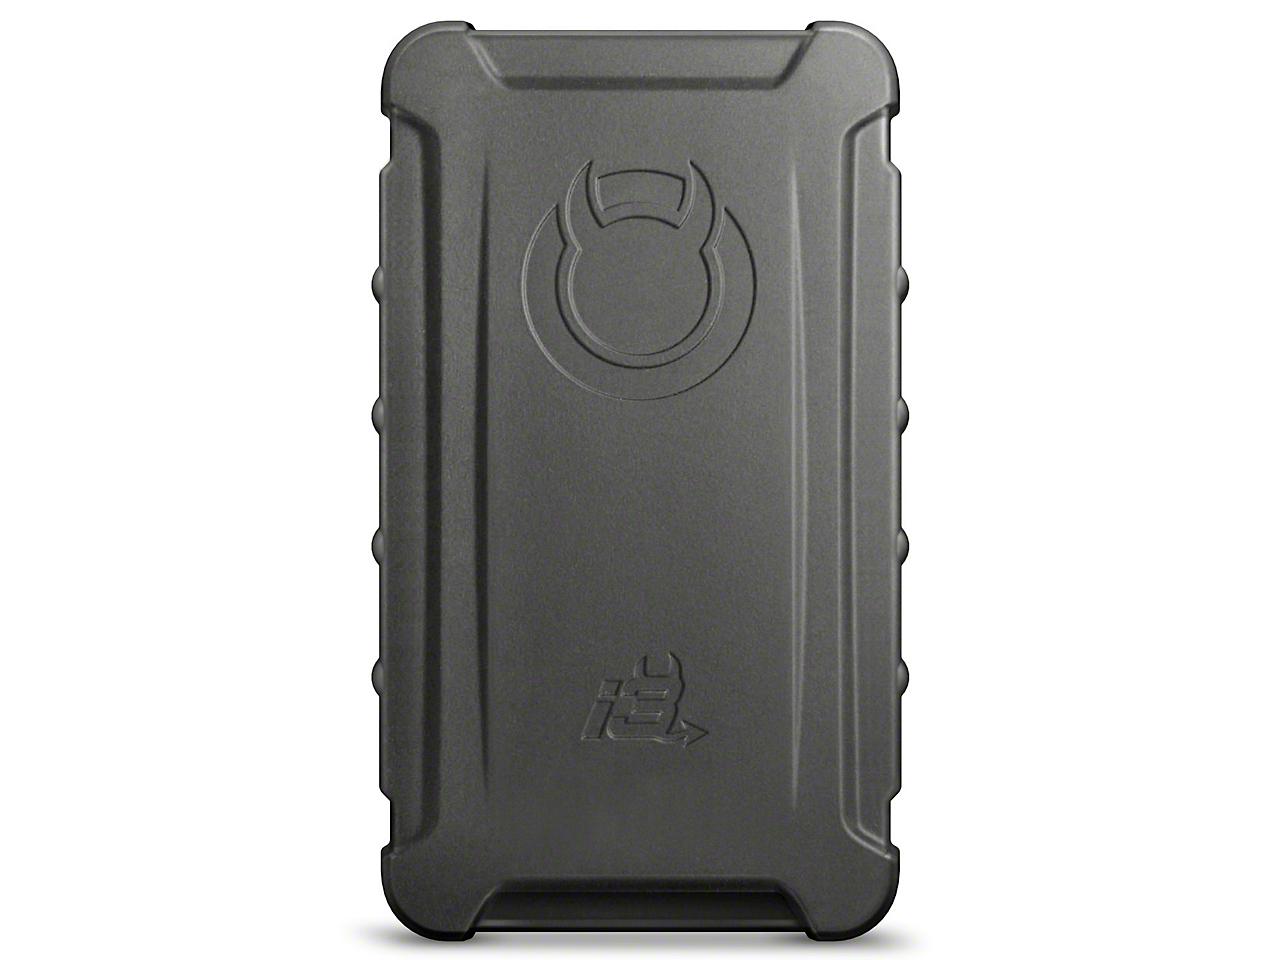 Diablosport inTune i3 Tuner (11-14 5.0L F-150)